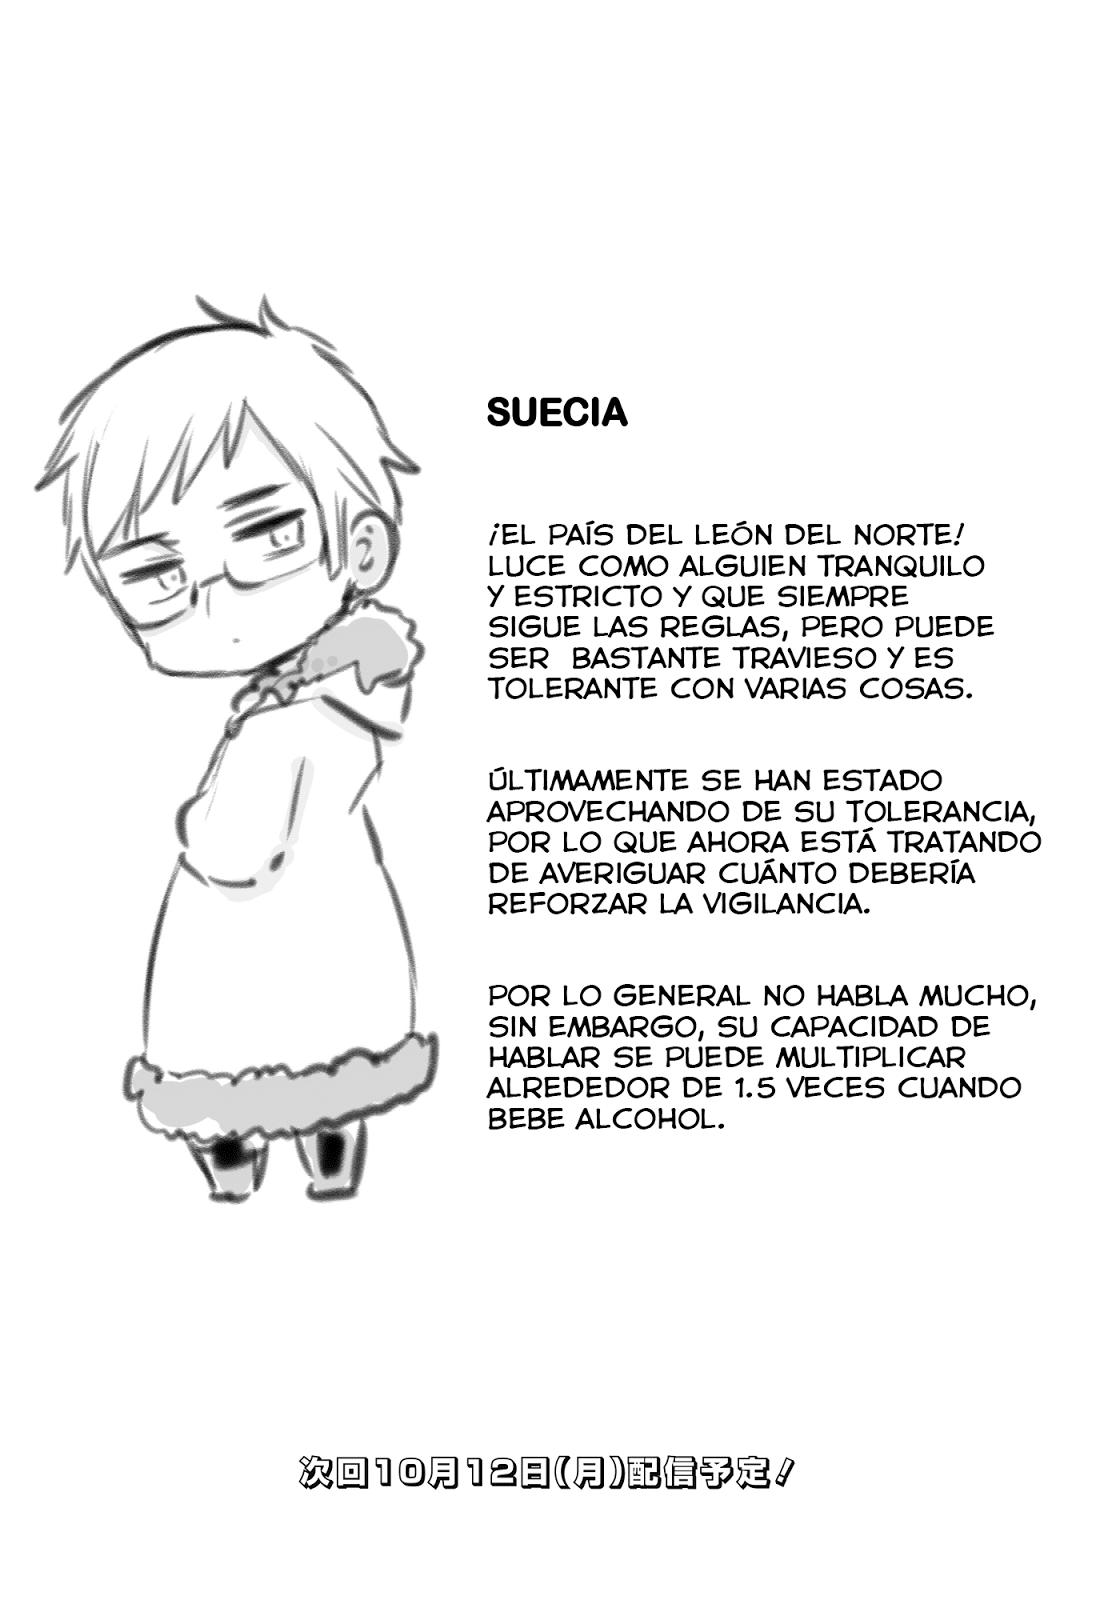 ヘタリア World Stars Capítulo 108 Hetalia Meme Divertido Manga Español